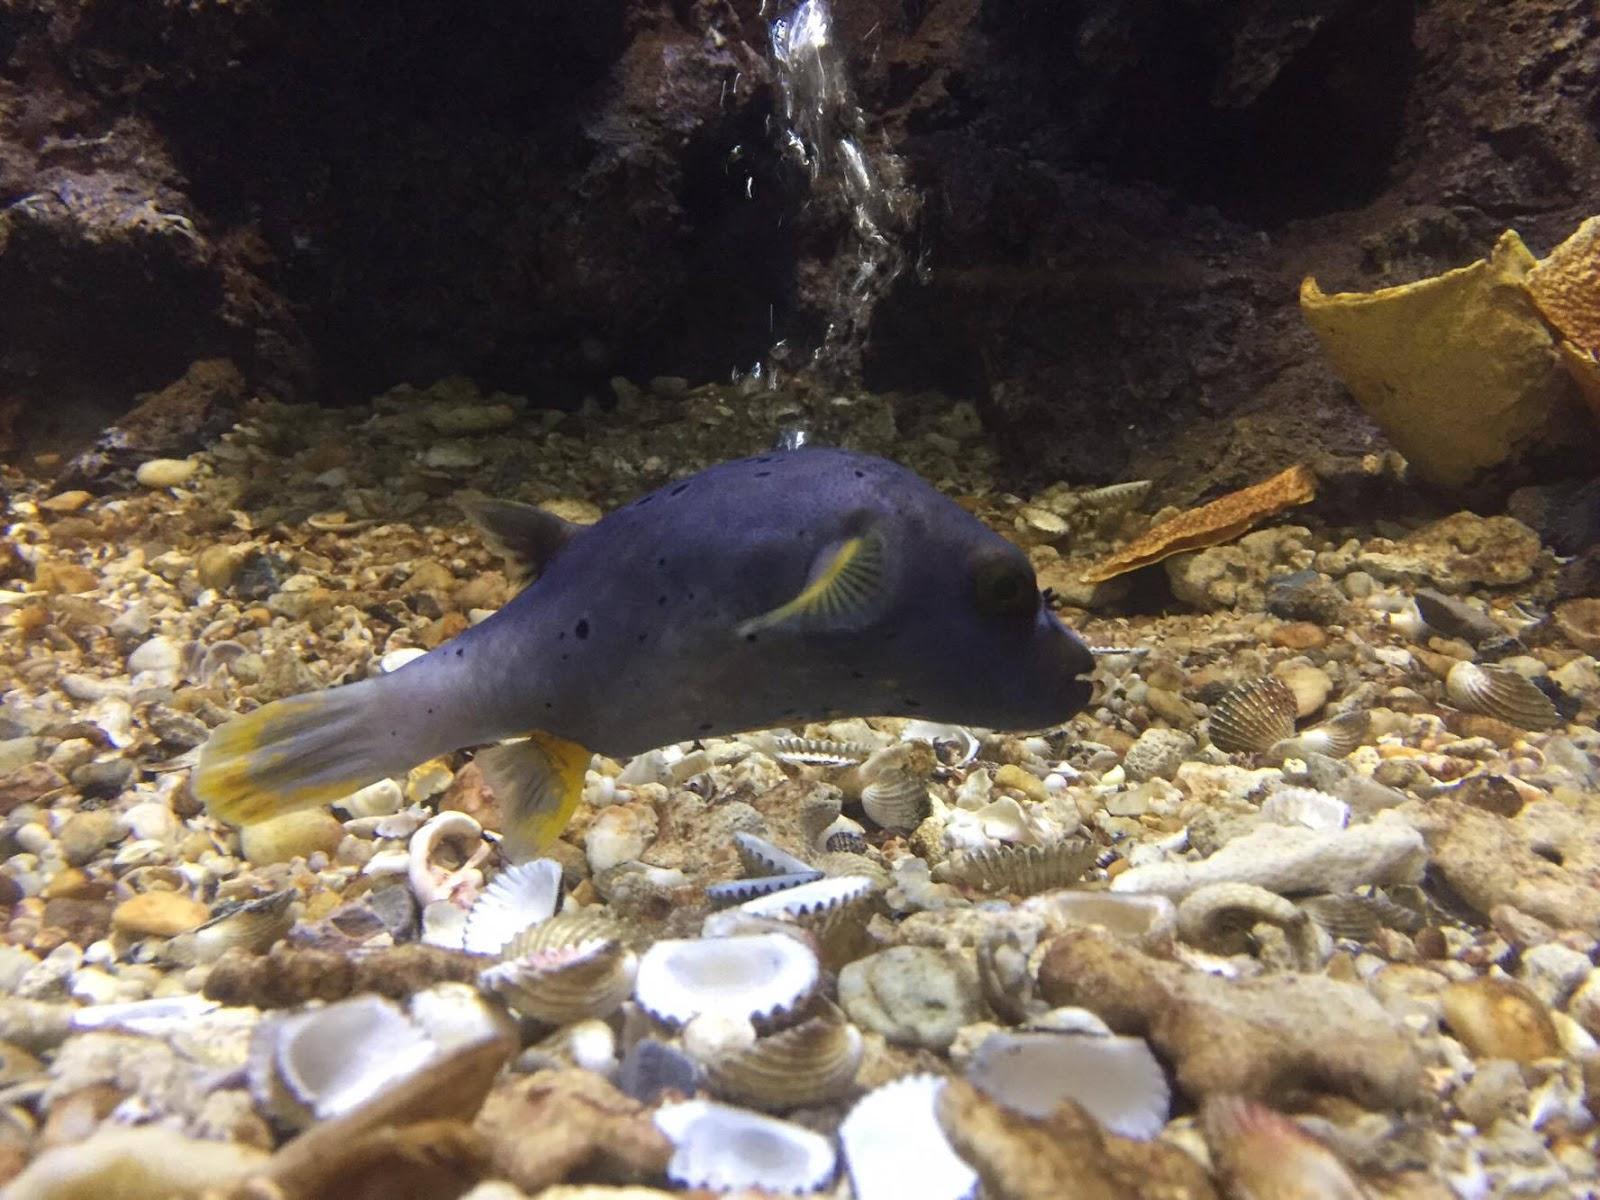 Ban Phe Swethaiparadise: Swethaiparadise - Rayong Aquarium